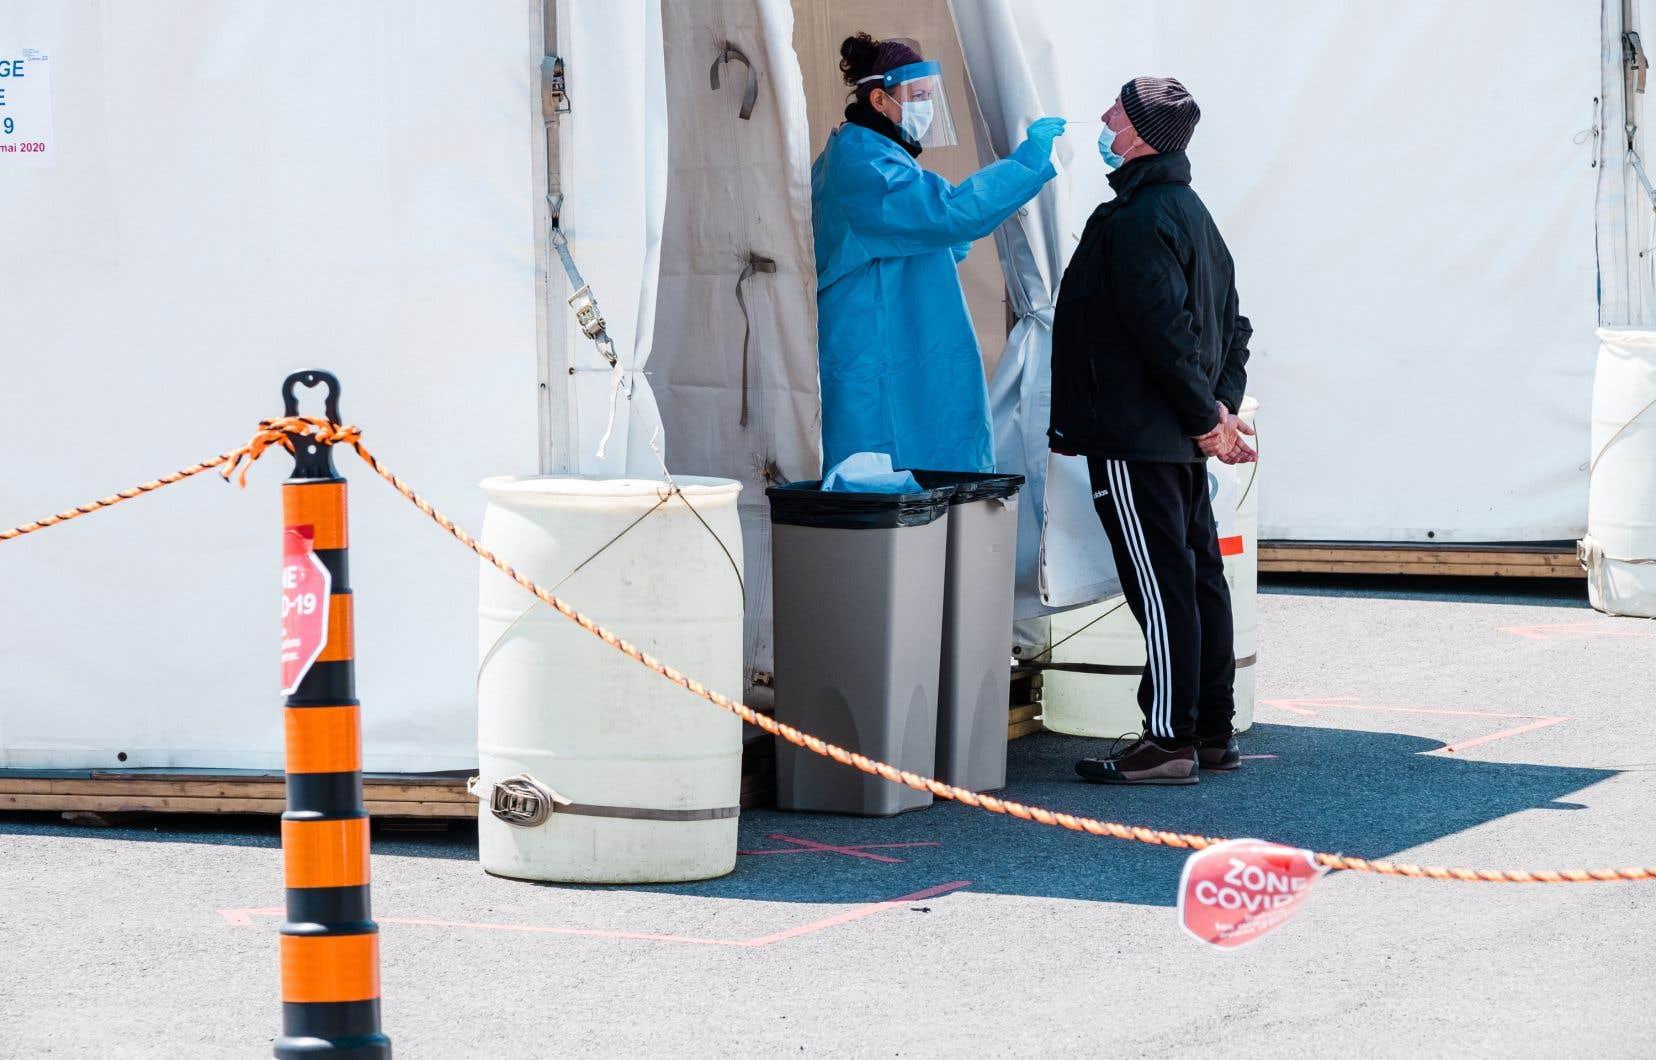 Les CIUSSS doivent s'occuper du déploiement de cliniques mobiles sur leur territoire, recommande un interne soumis au ministre de la Santé, Christian Dubé, le 23 juin. Mais cela doit être fait «en étroite collaboration» avec la Direction régionale de la santé publique de Montréal, poursuit-on dans le document.